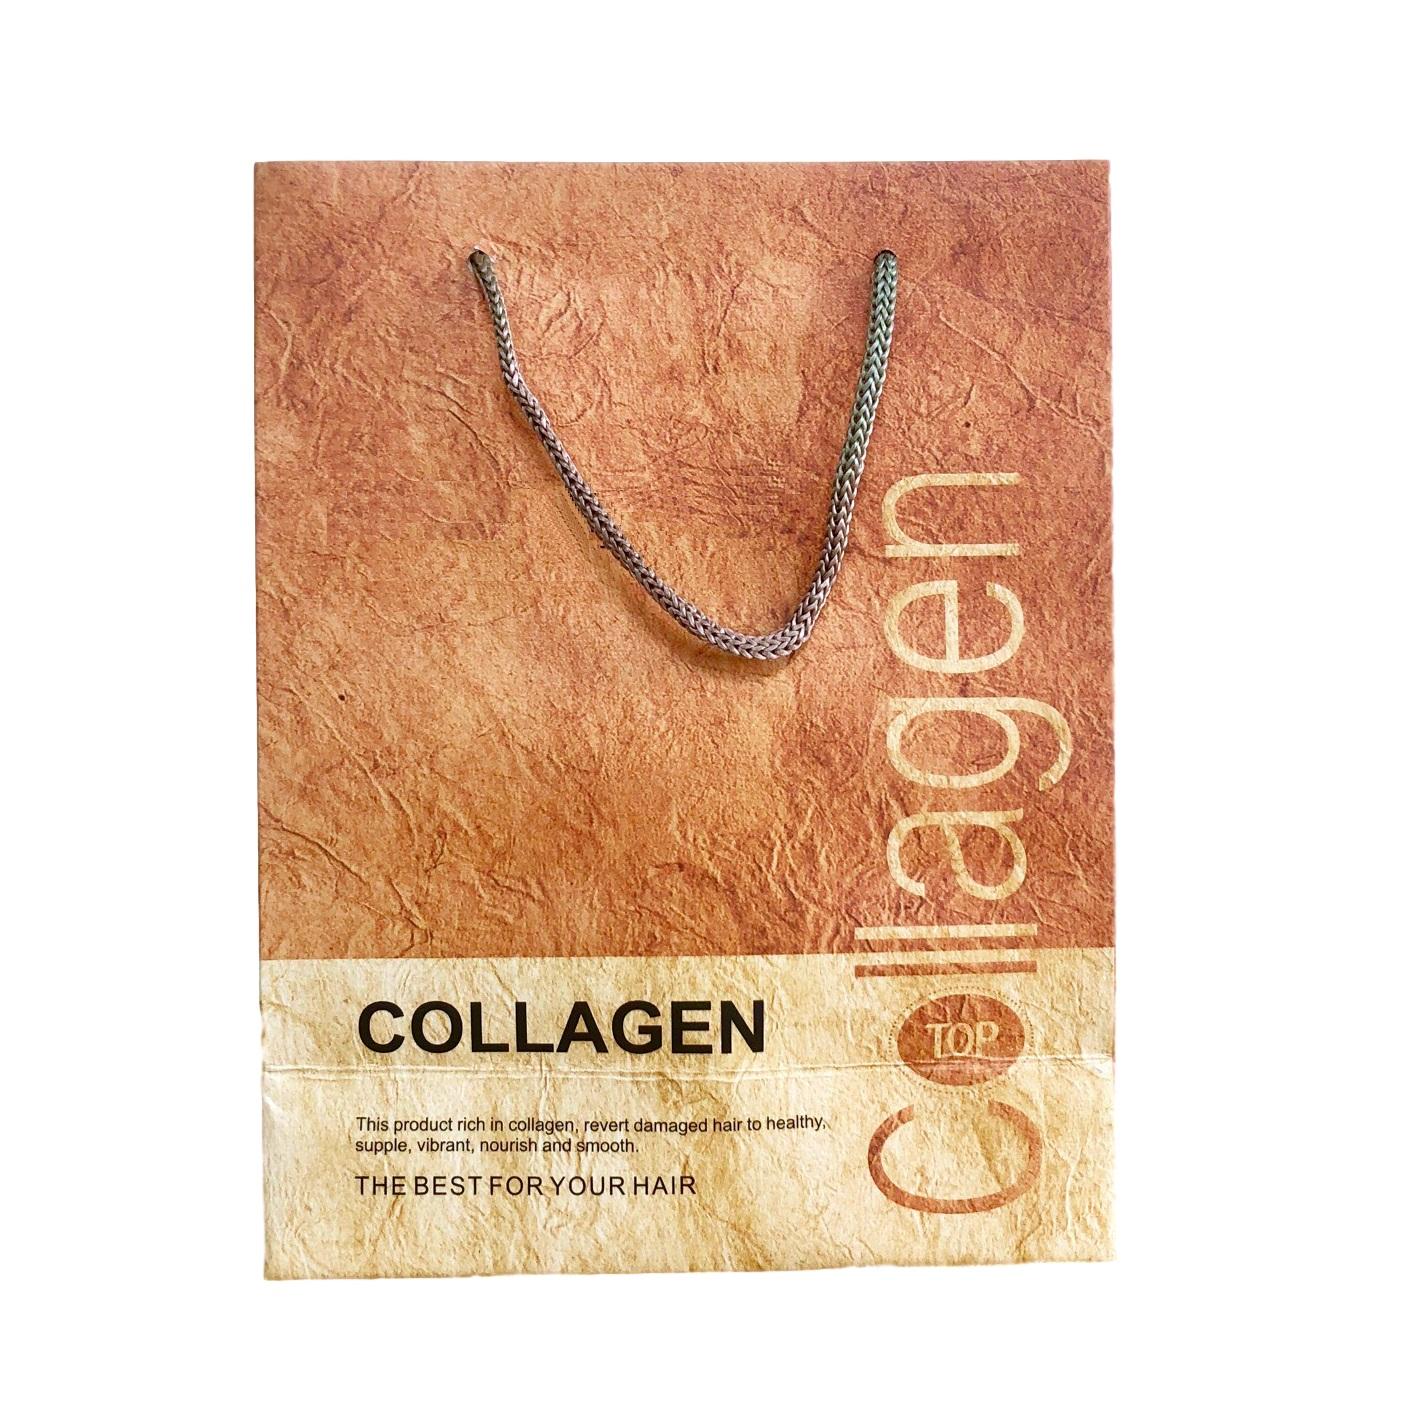 Túi giấy đựng mỹ phẩm quà tặng cao cấp bìa cứng (Màu vàng cam) 21x17x8cm set 20 cái